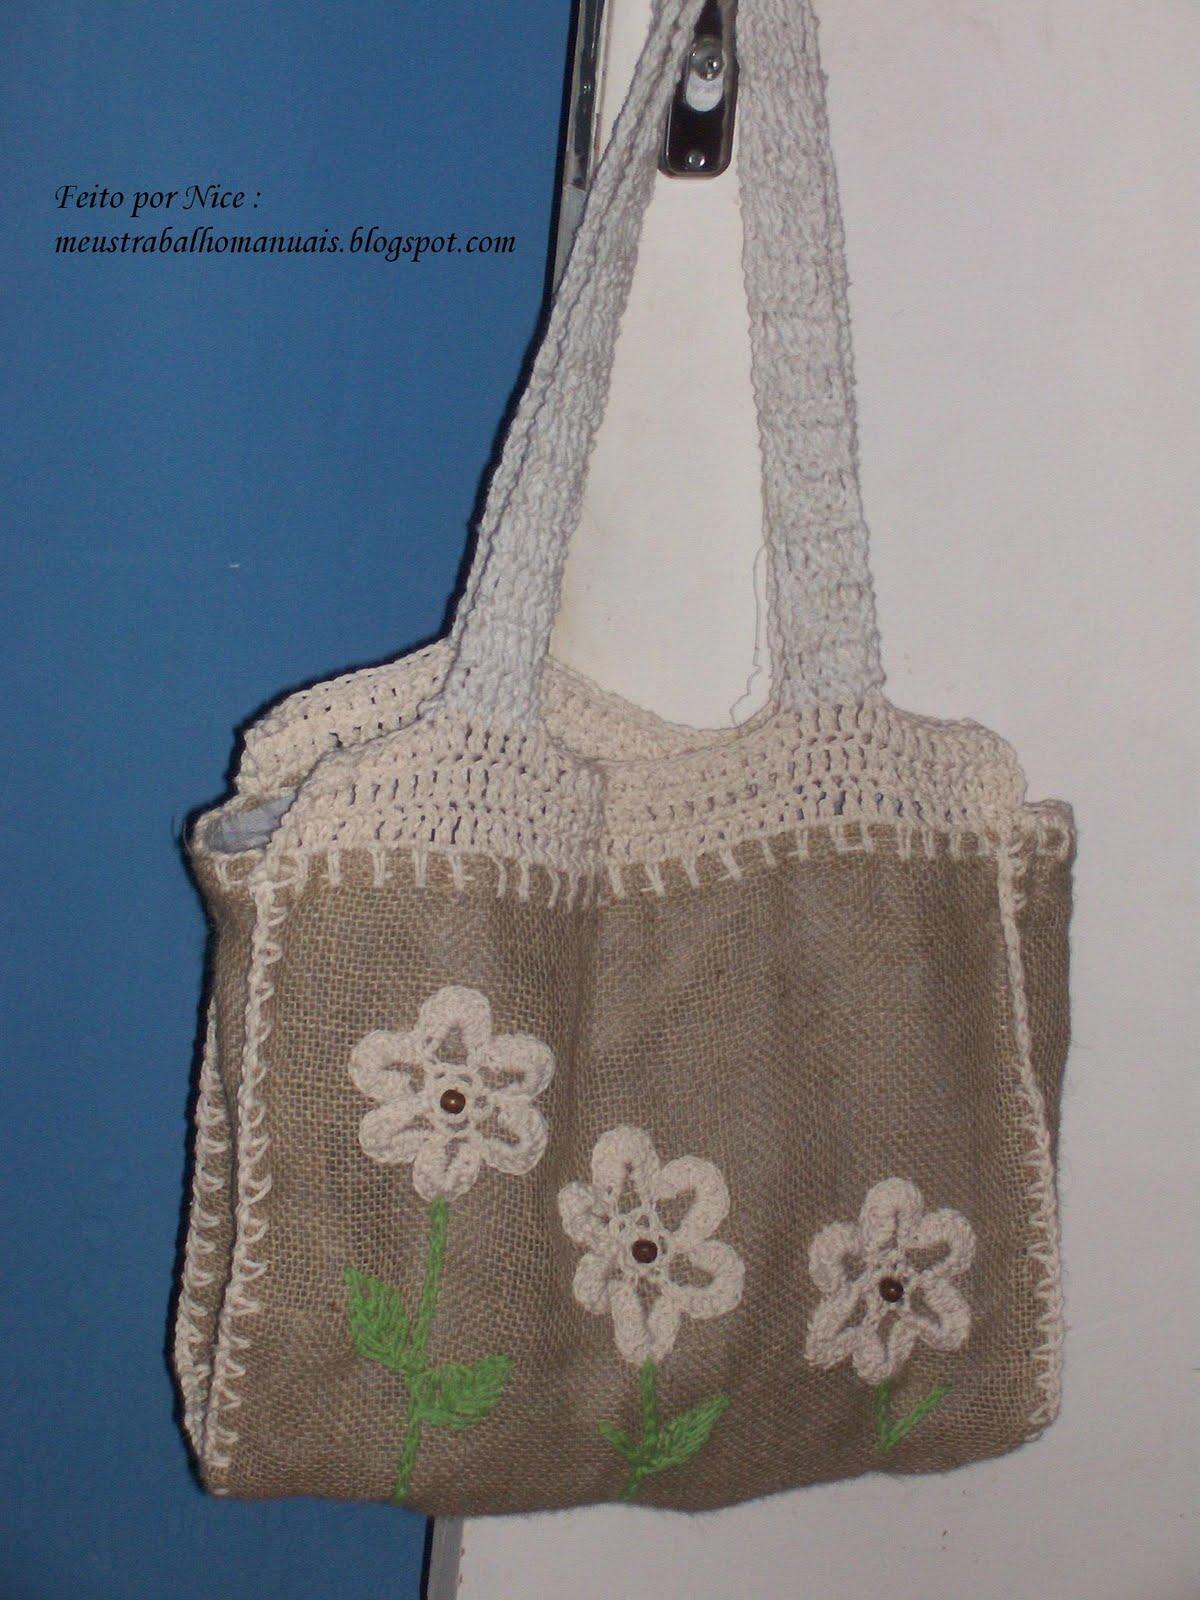 Bolsa De Juta E Tecido : Mais bolsas de tecido meus trabalhos manuais